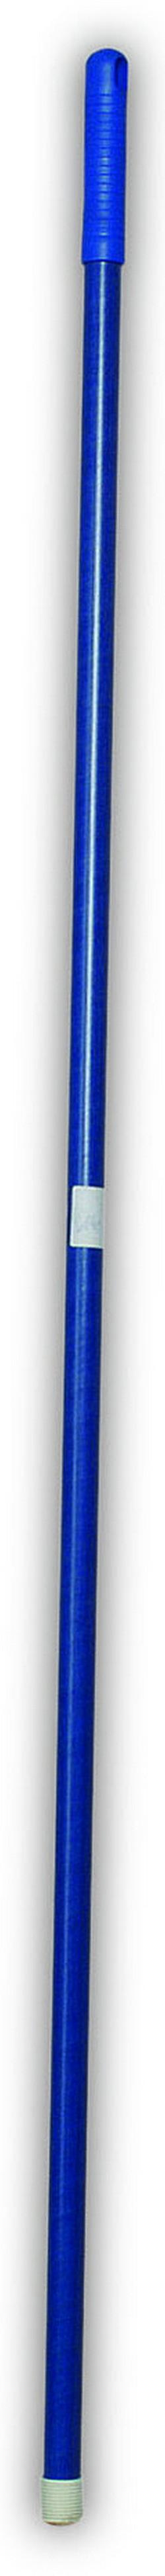 Glasfibersteel 141 cm x diam. 22 mm